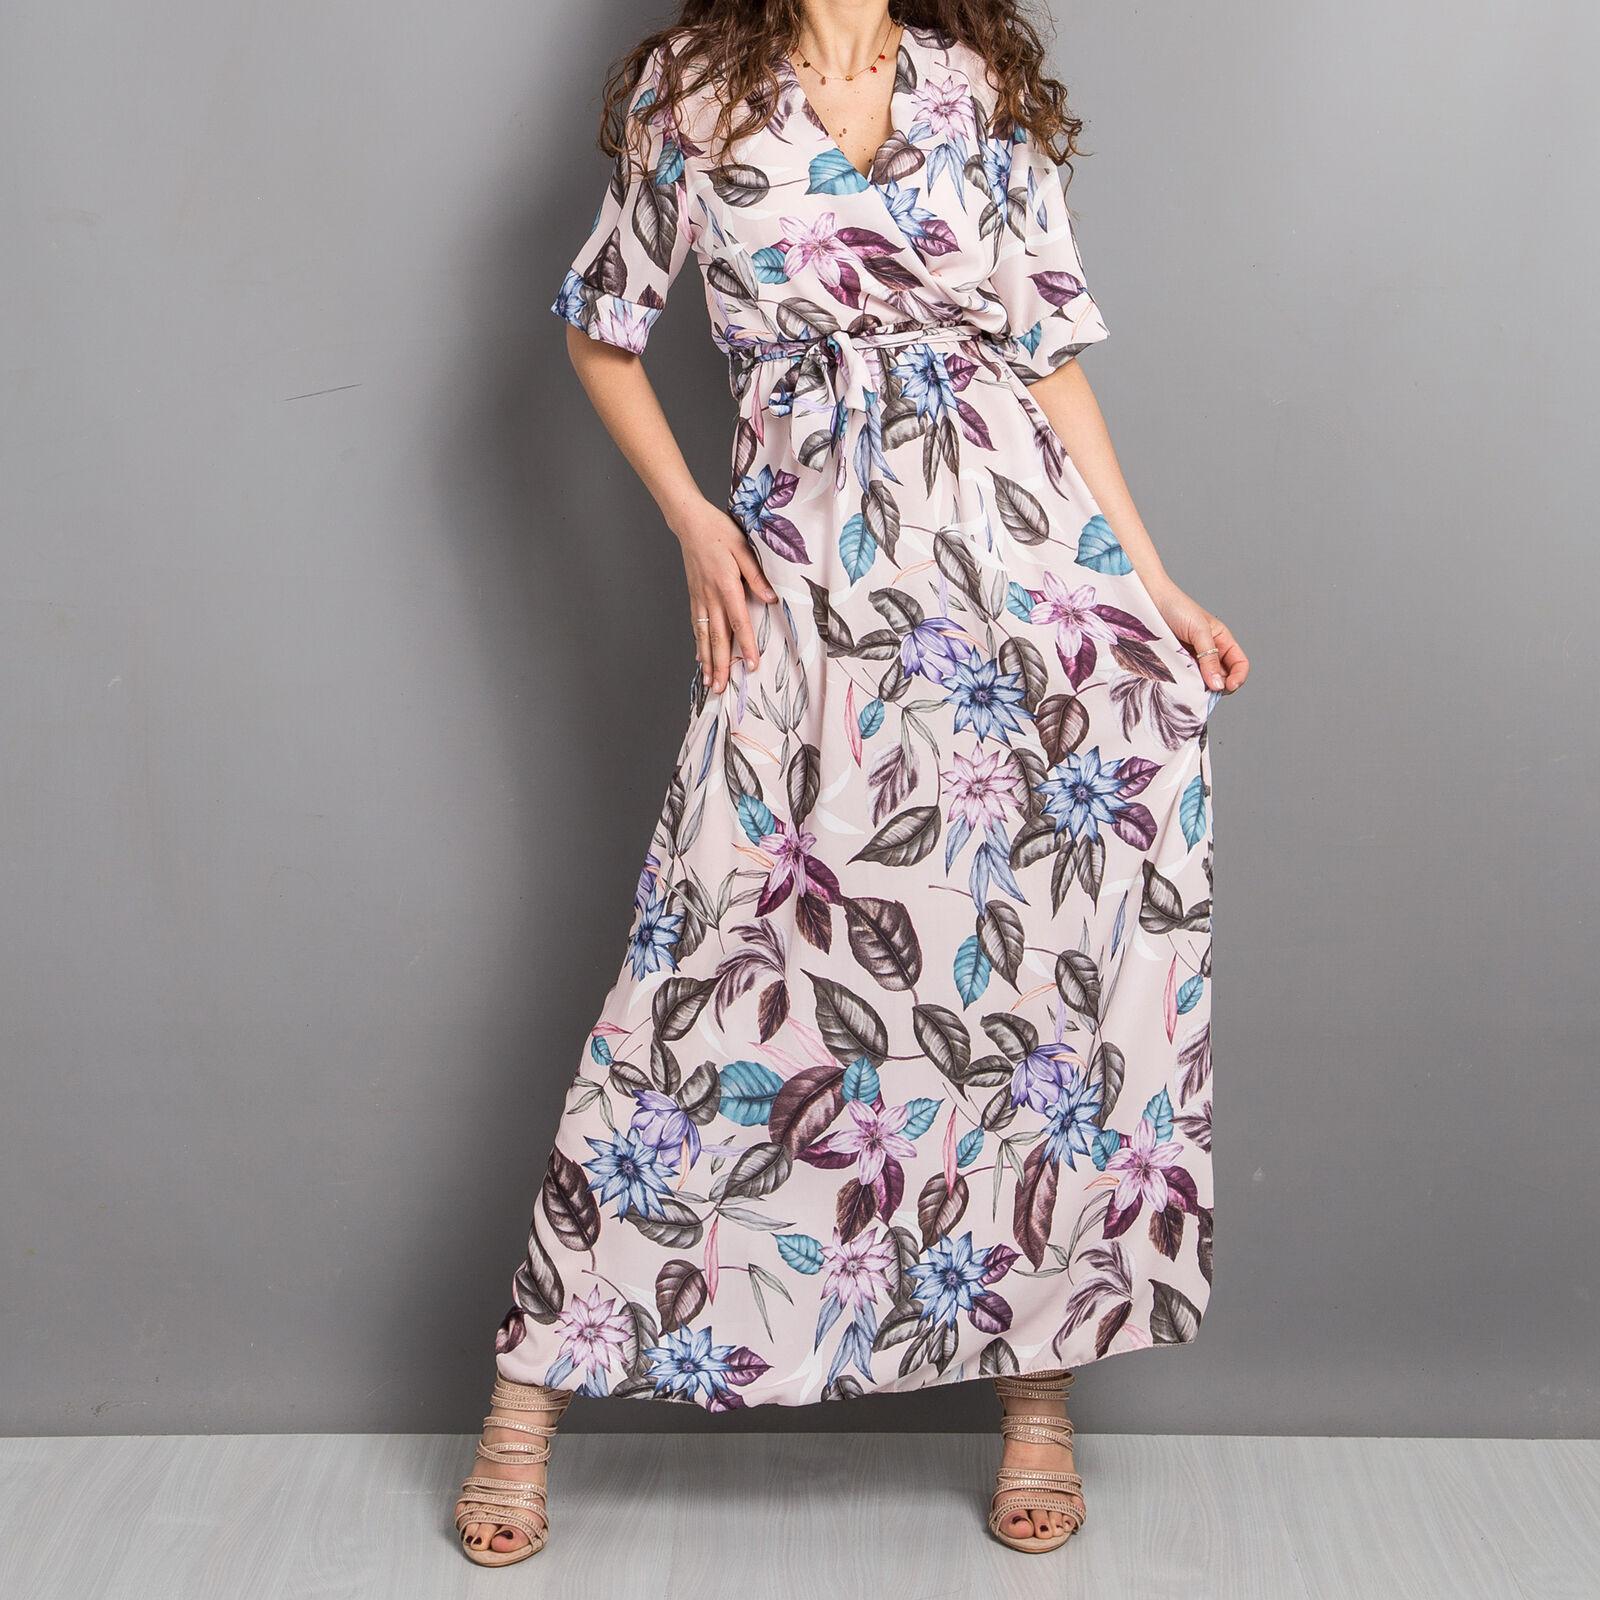 d8c95402fd8d Vestito donna abito lungo fantasia floreale fiori gonna ruota top scollato  1596